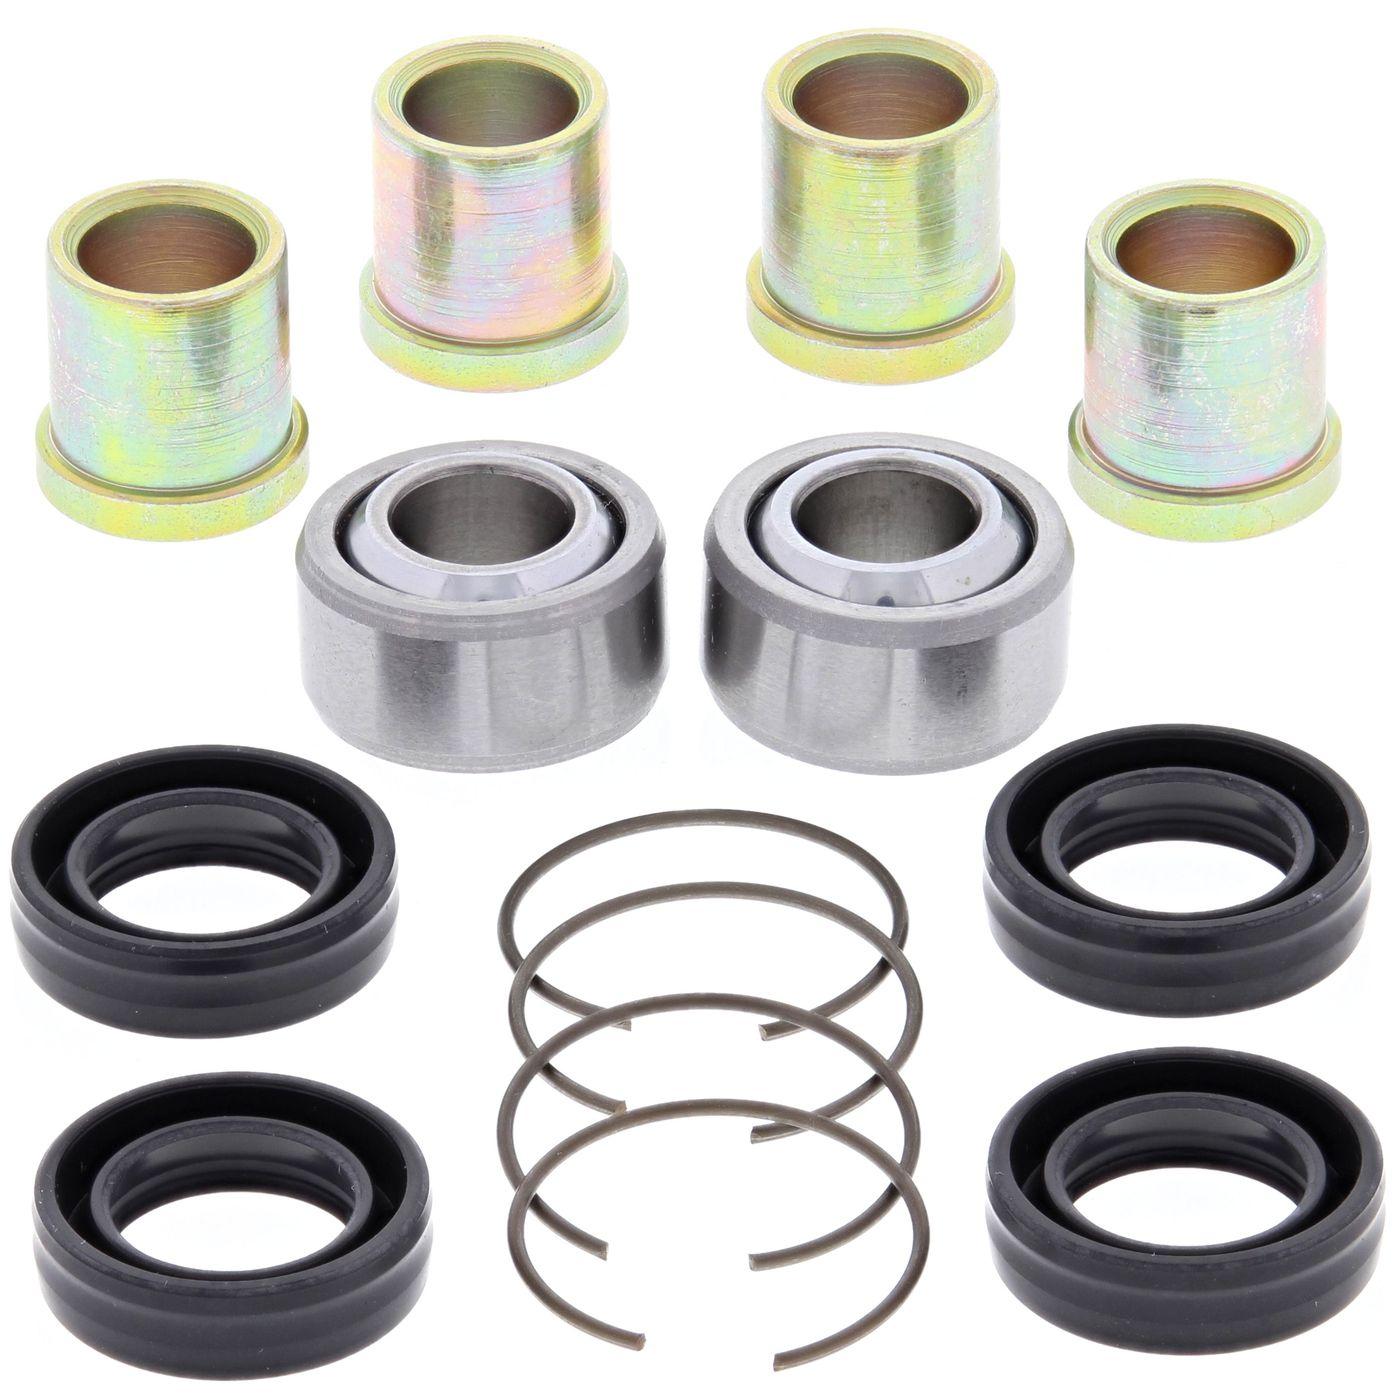 wrp a-arm bearing kits - WRP501020 image